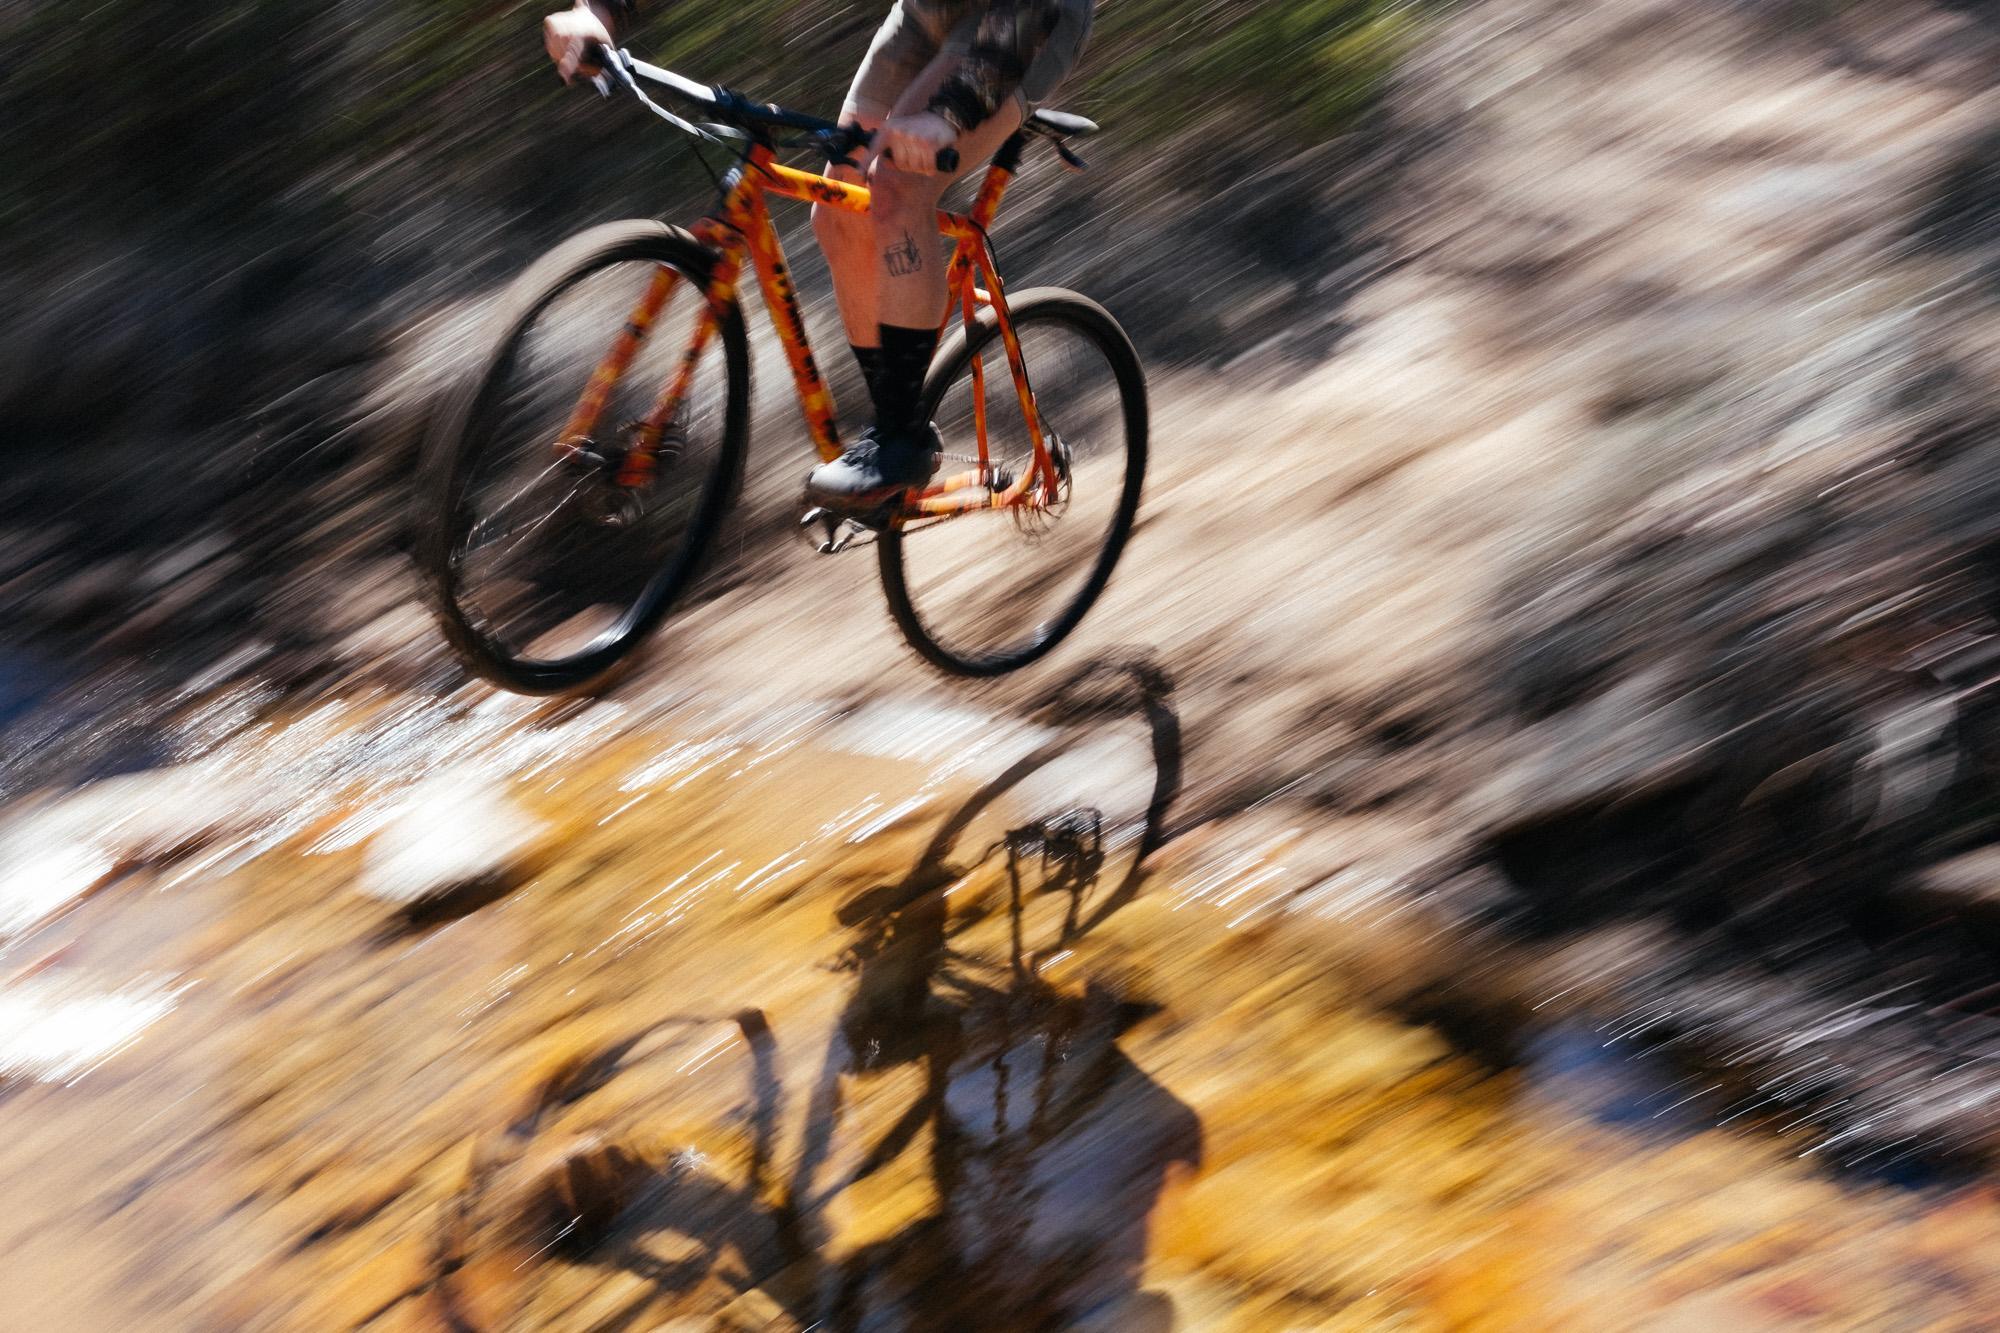 Lucas' Orange Camo Cannonball Stoemper SSCX